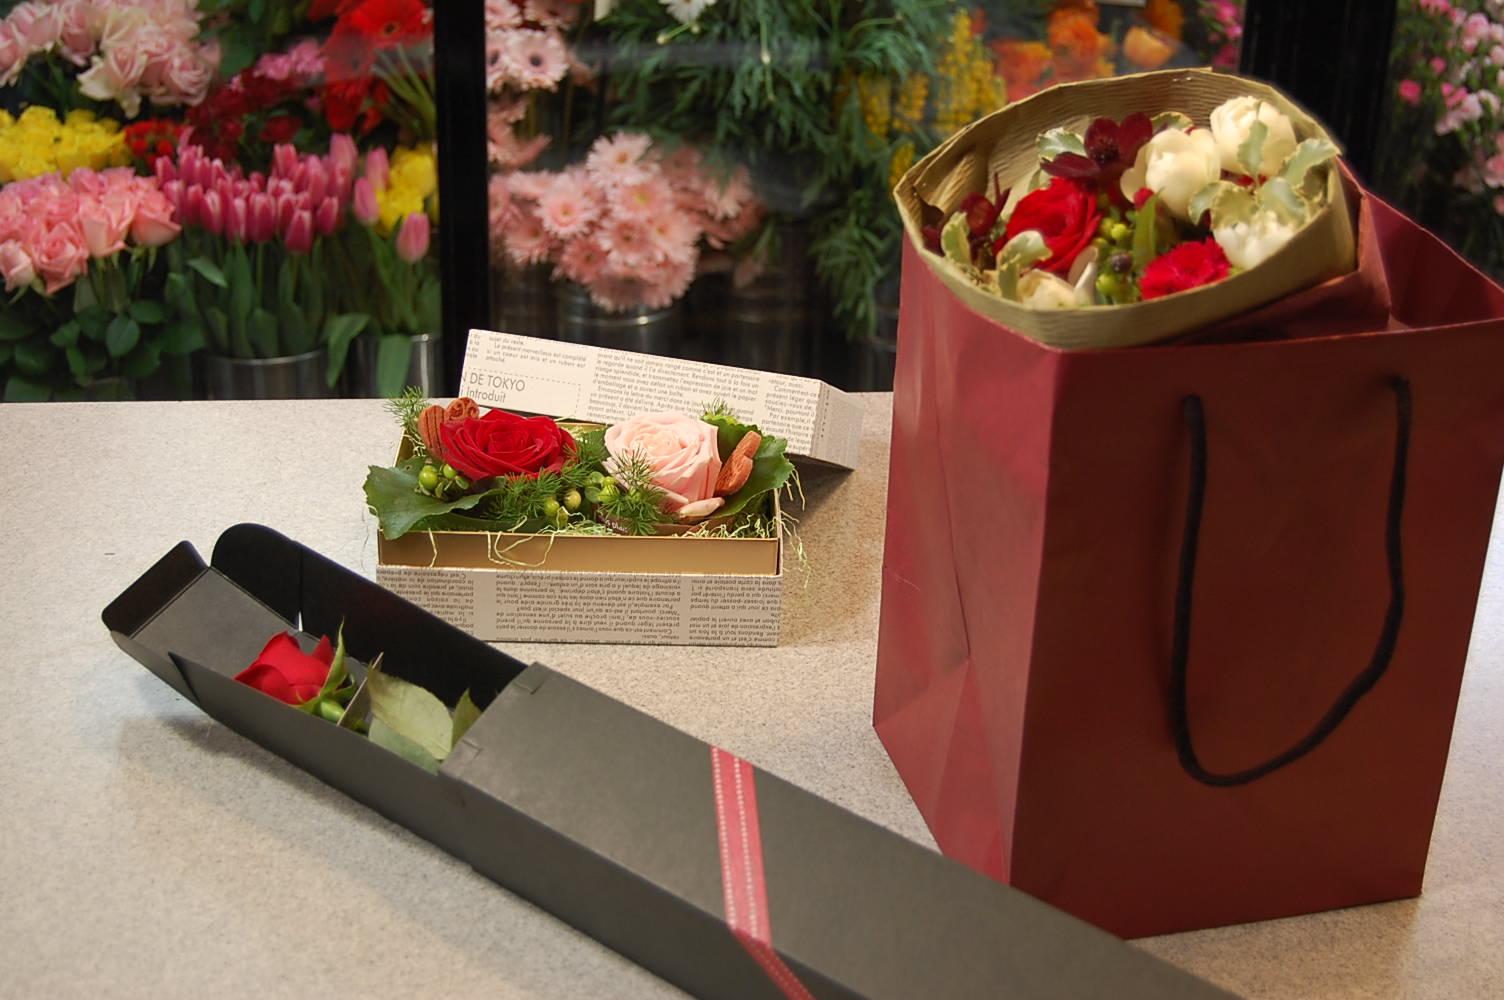 「フラワーバレンタイン」 2/1 TBCウォッチン!みやぎ 放映です_e0159798_10521145.jpg